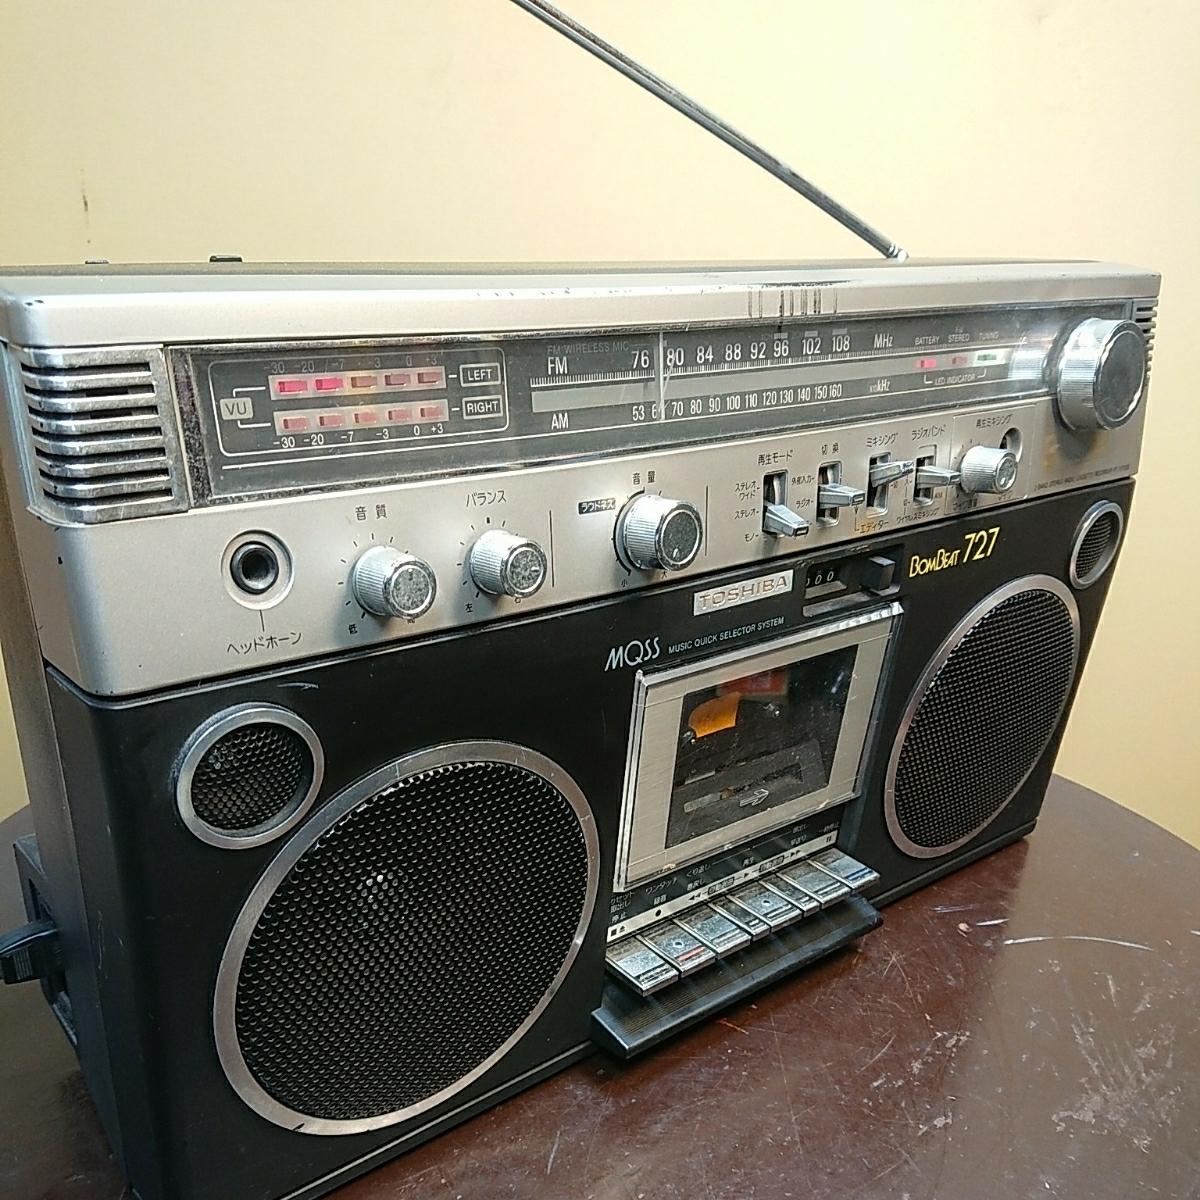 昭和レトロ 東芝 toshiba bombeat 727 ラジオ カセットレコーダー rt 727